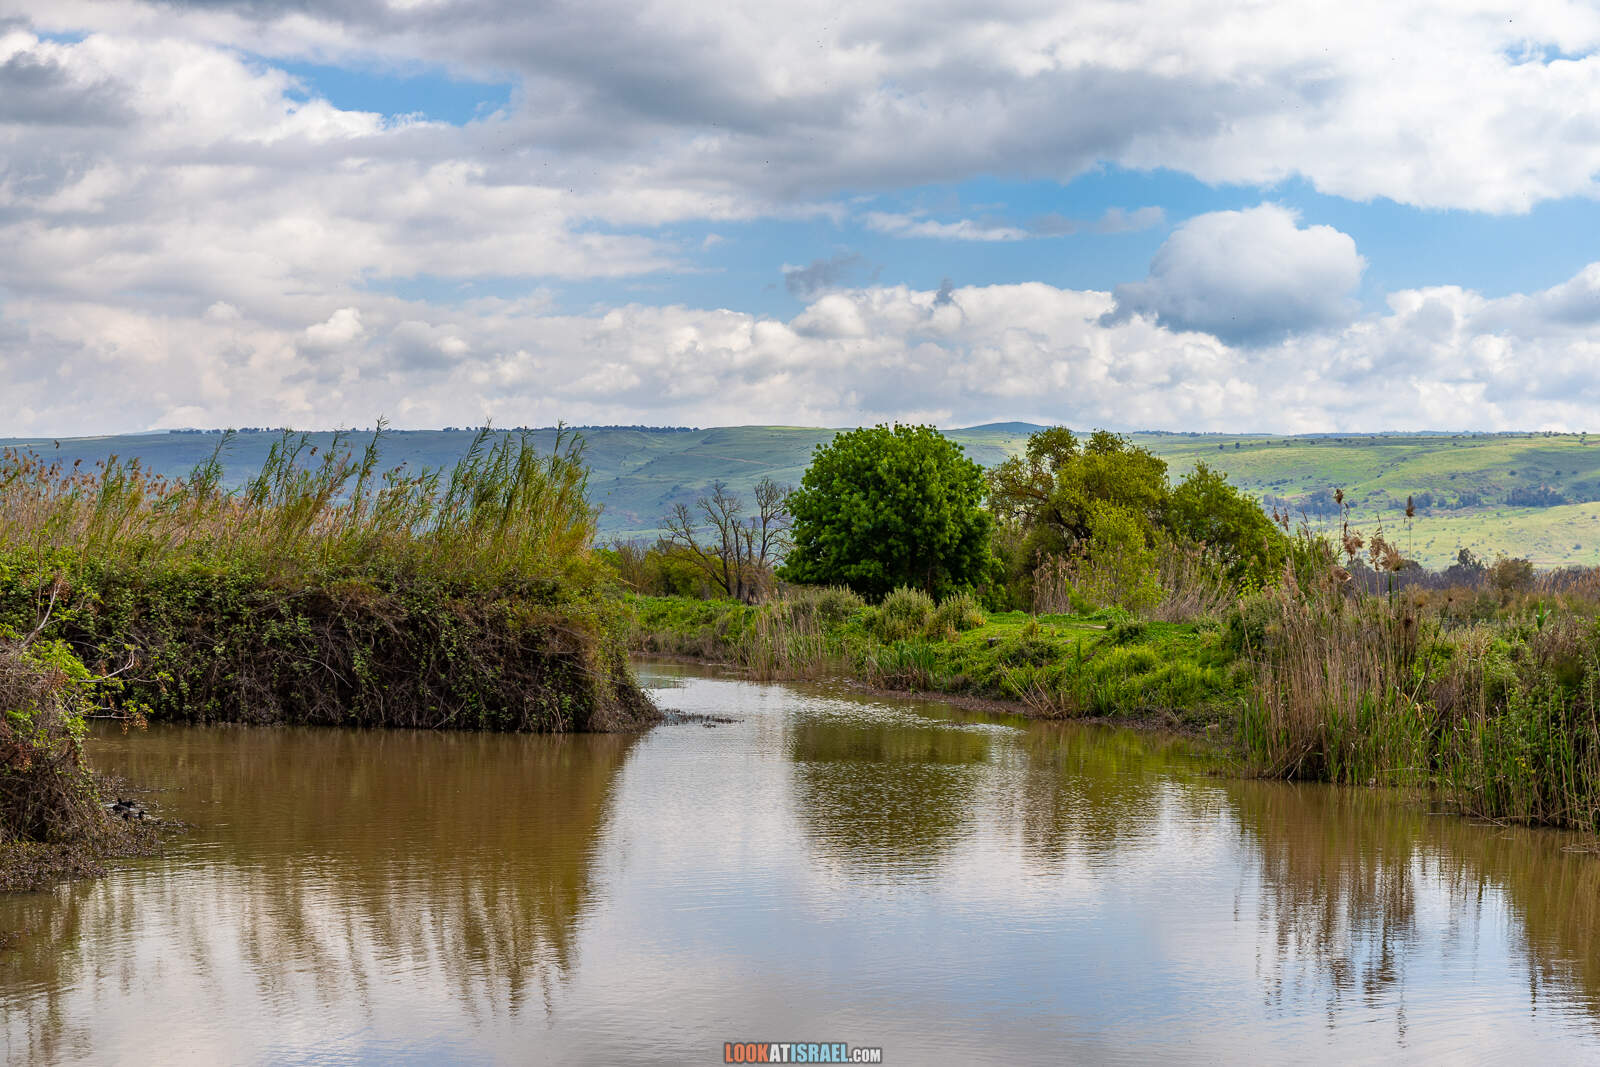 Заповедник а-Хула - Hula nature reserve - שמורת החולה - LookAtIsrael.com - Фото путешествия по Израилю